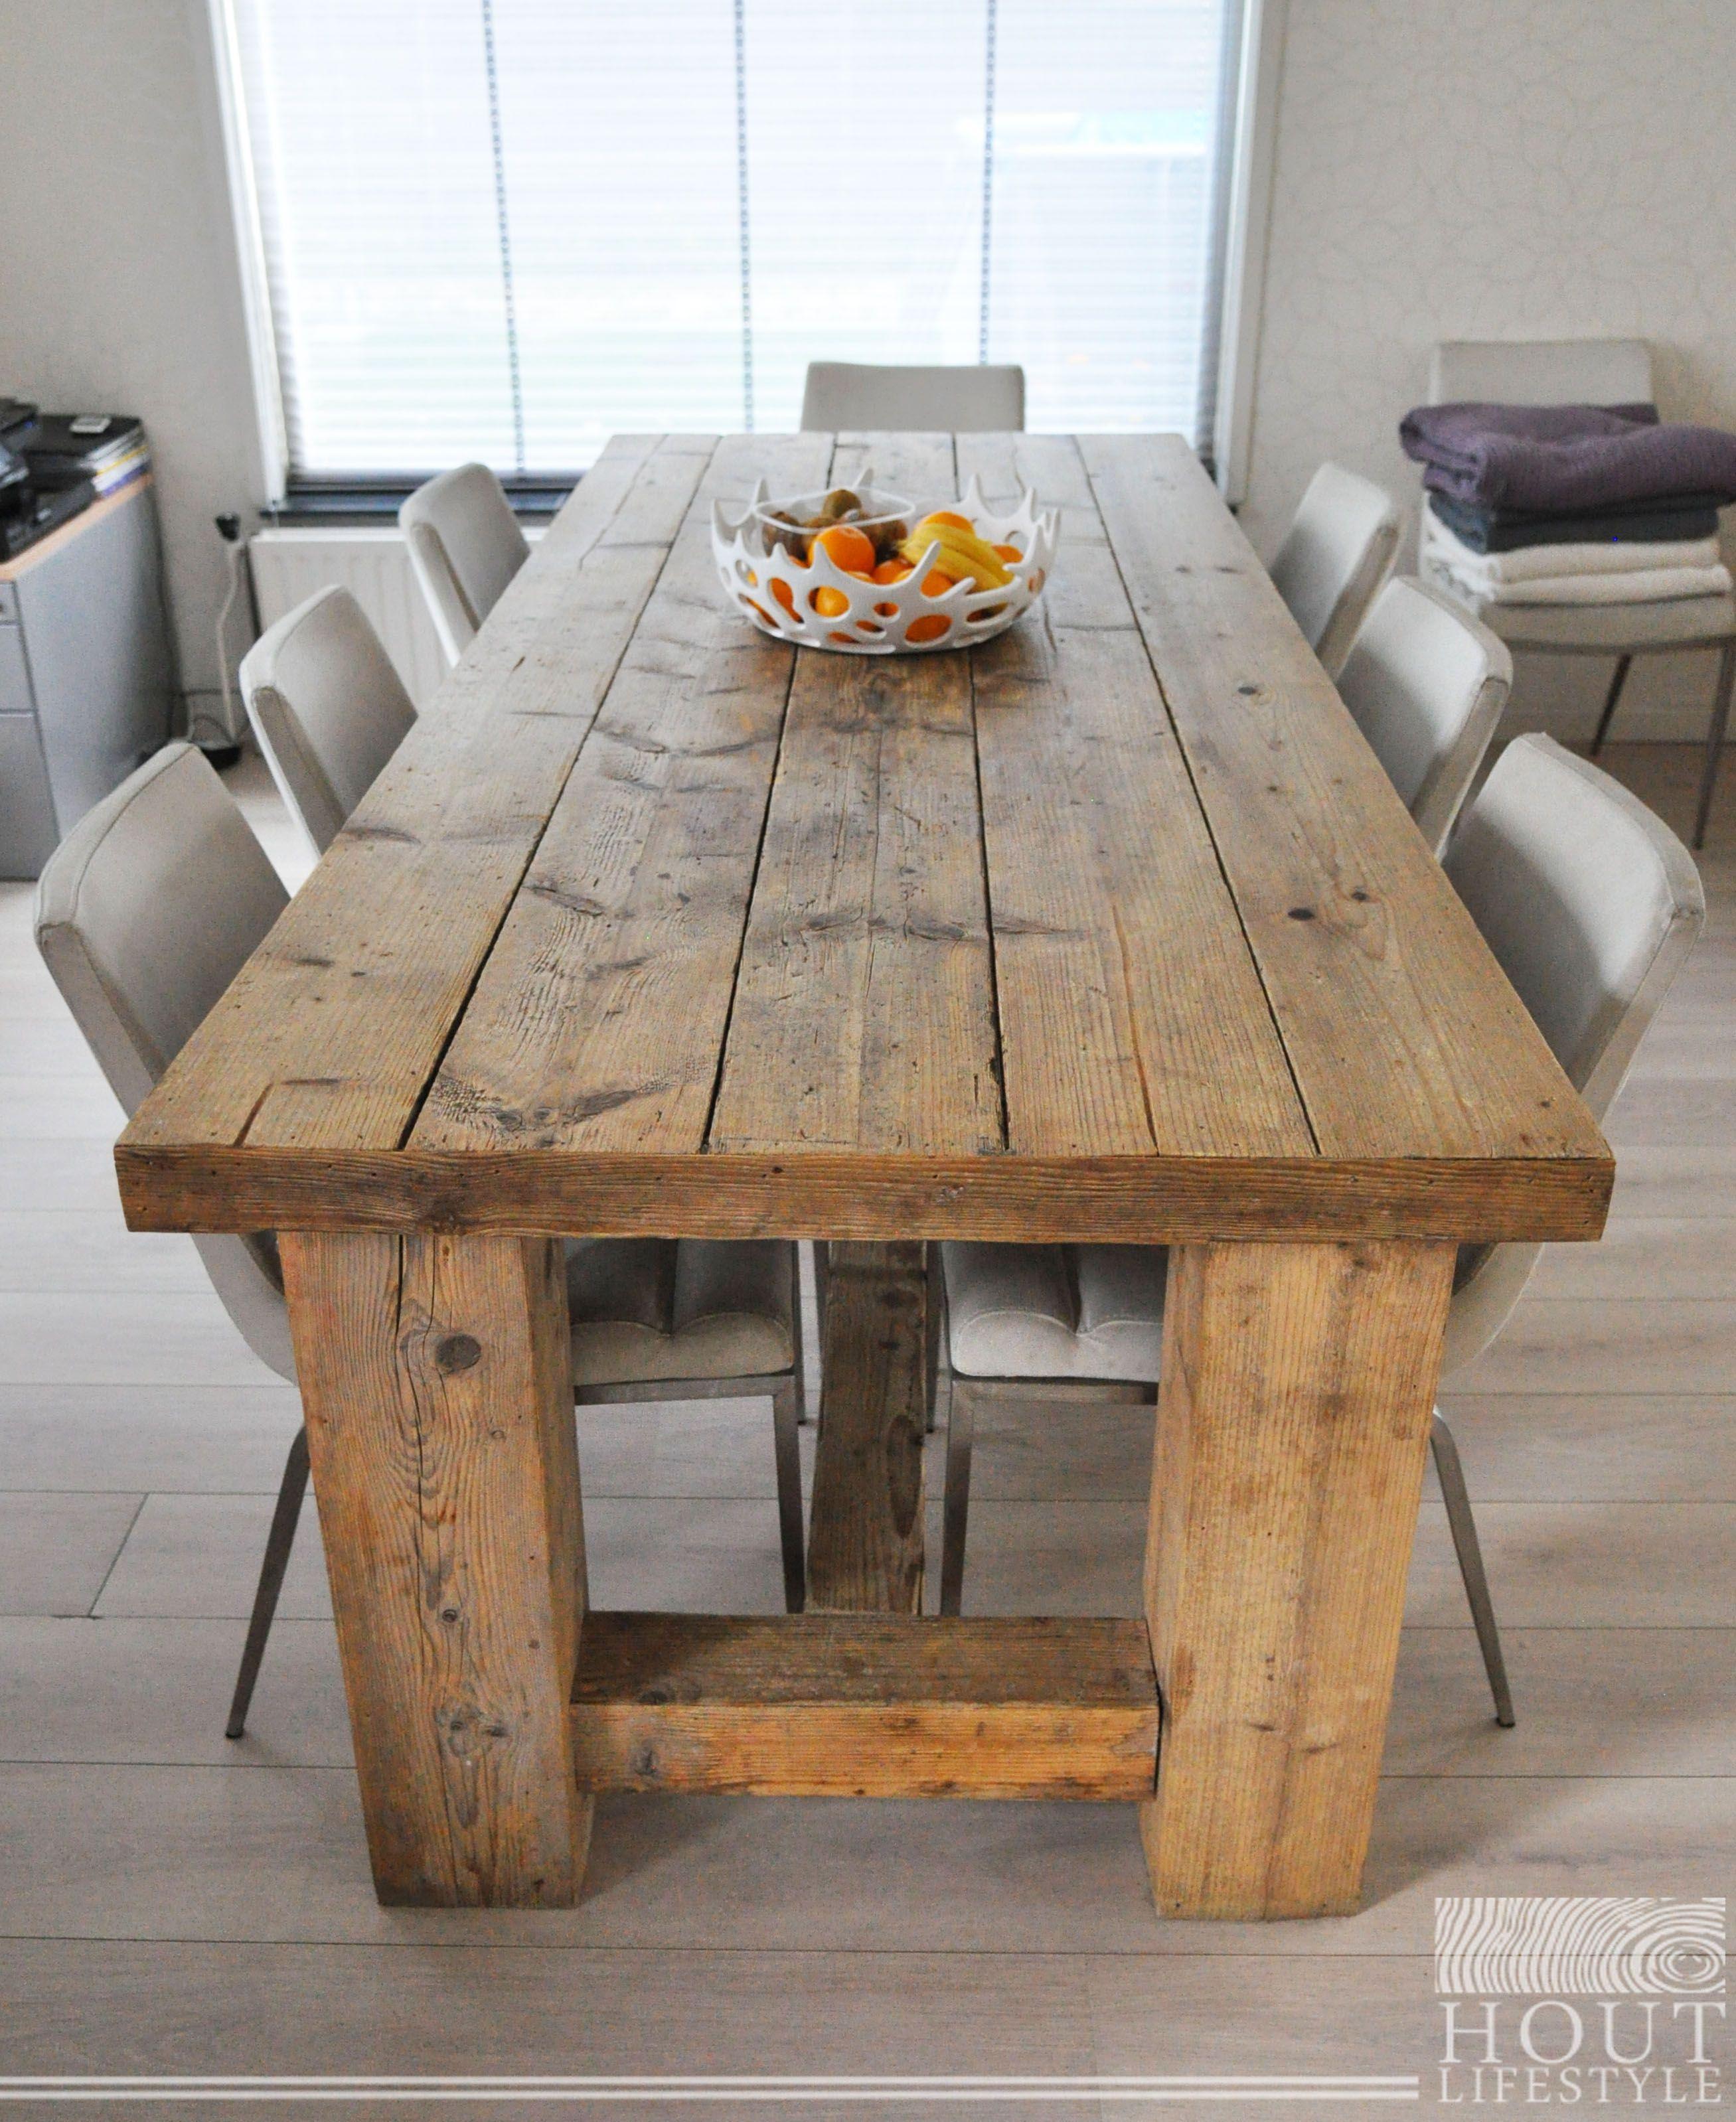 Eettafel Voor Binnen En Buiten.Robuuste Steigerhouten Eettafel Voor Binnen Buiten